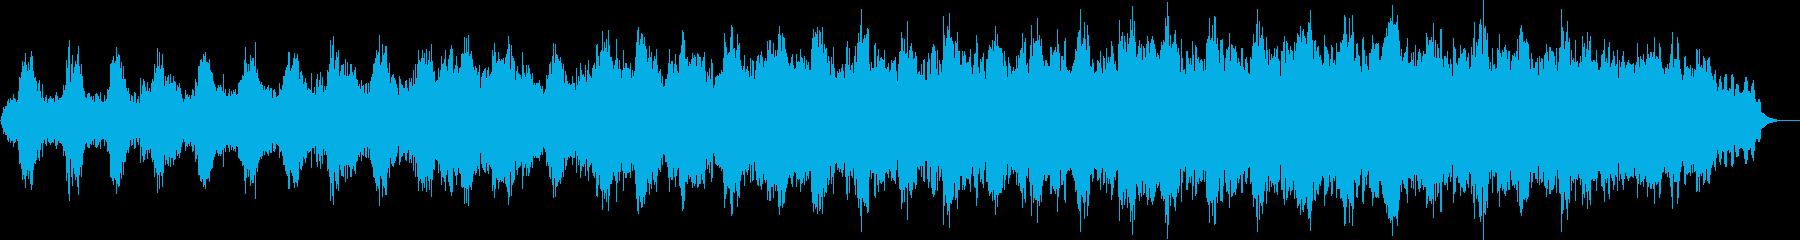 心安らぐヒーリングミュージックの再生済みの波形